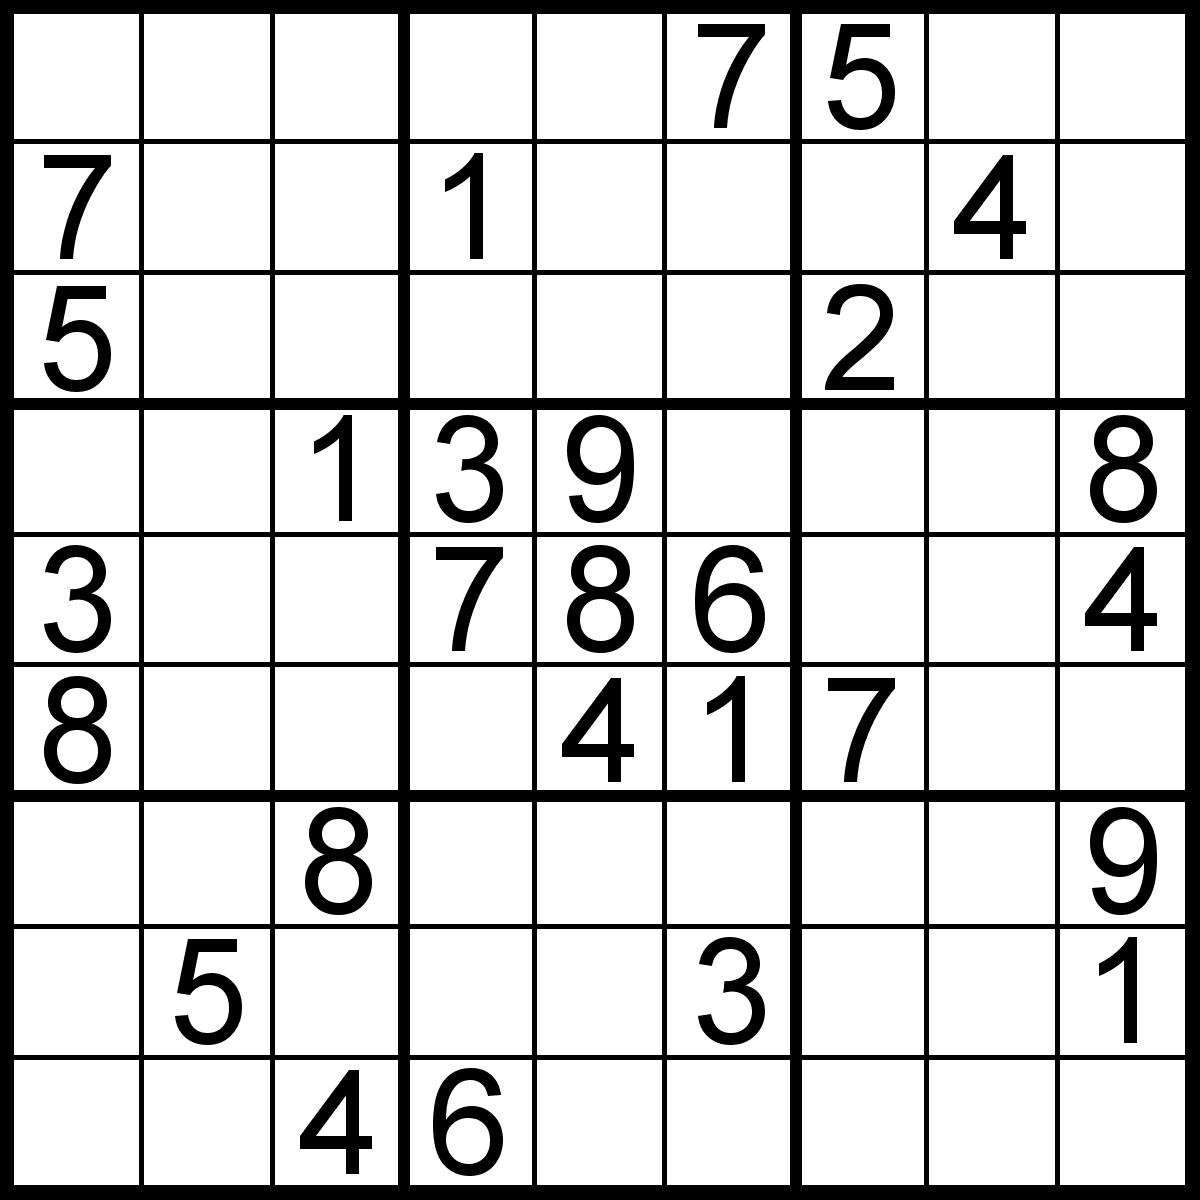 Large Print Sudoku Printable